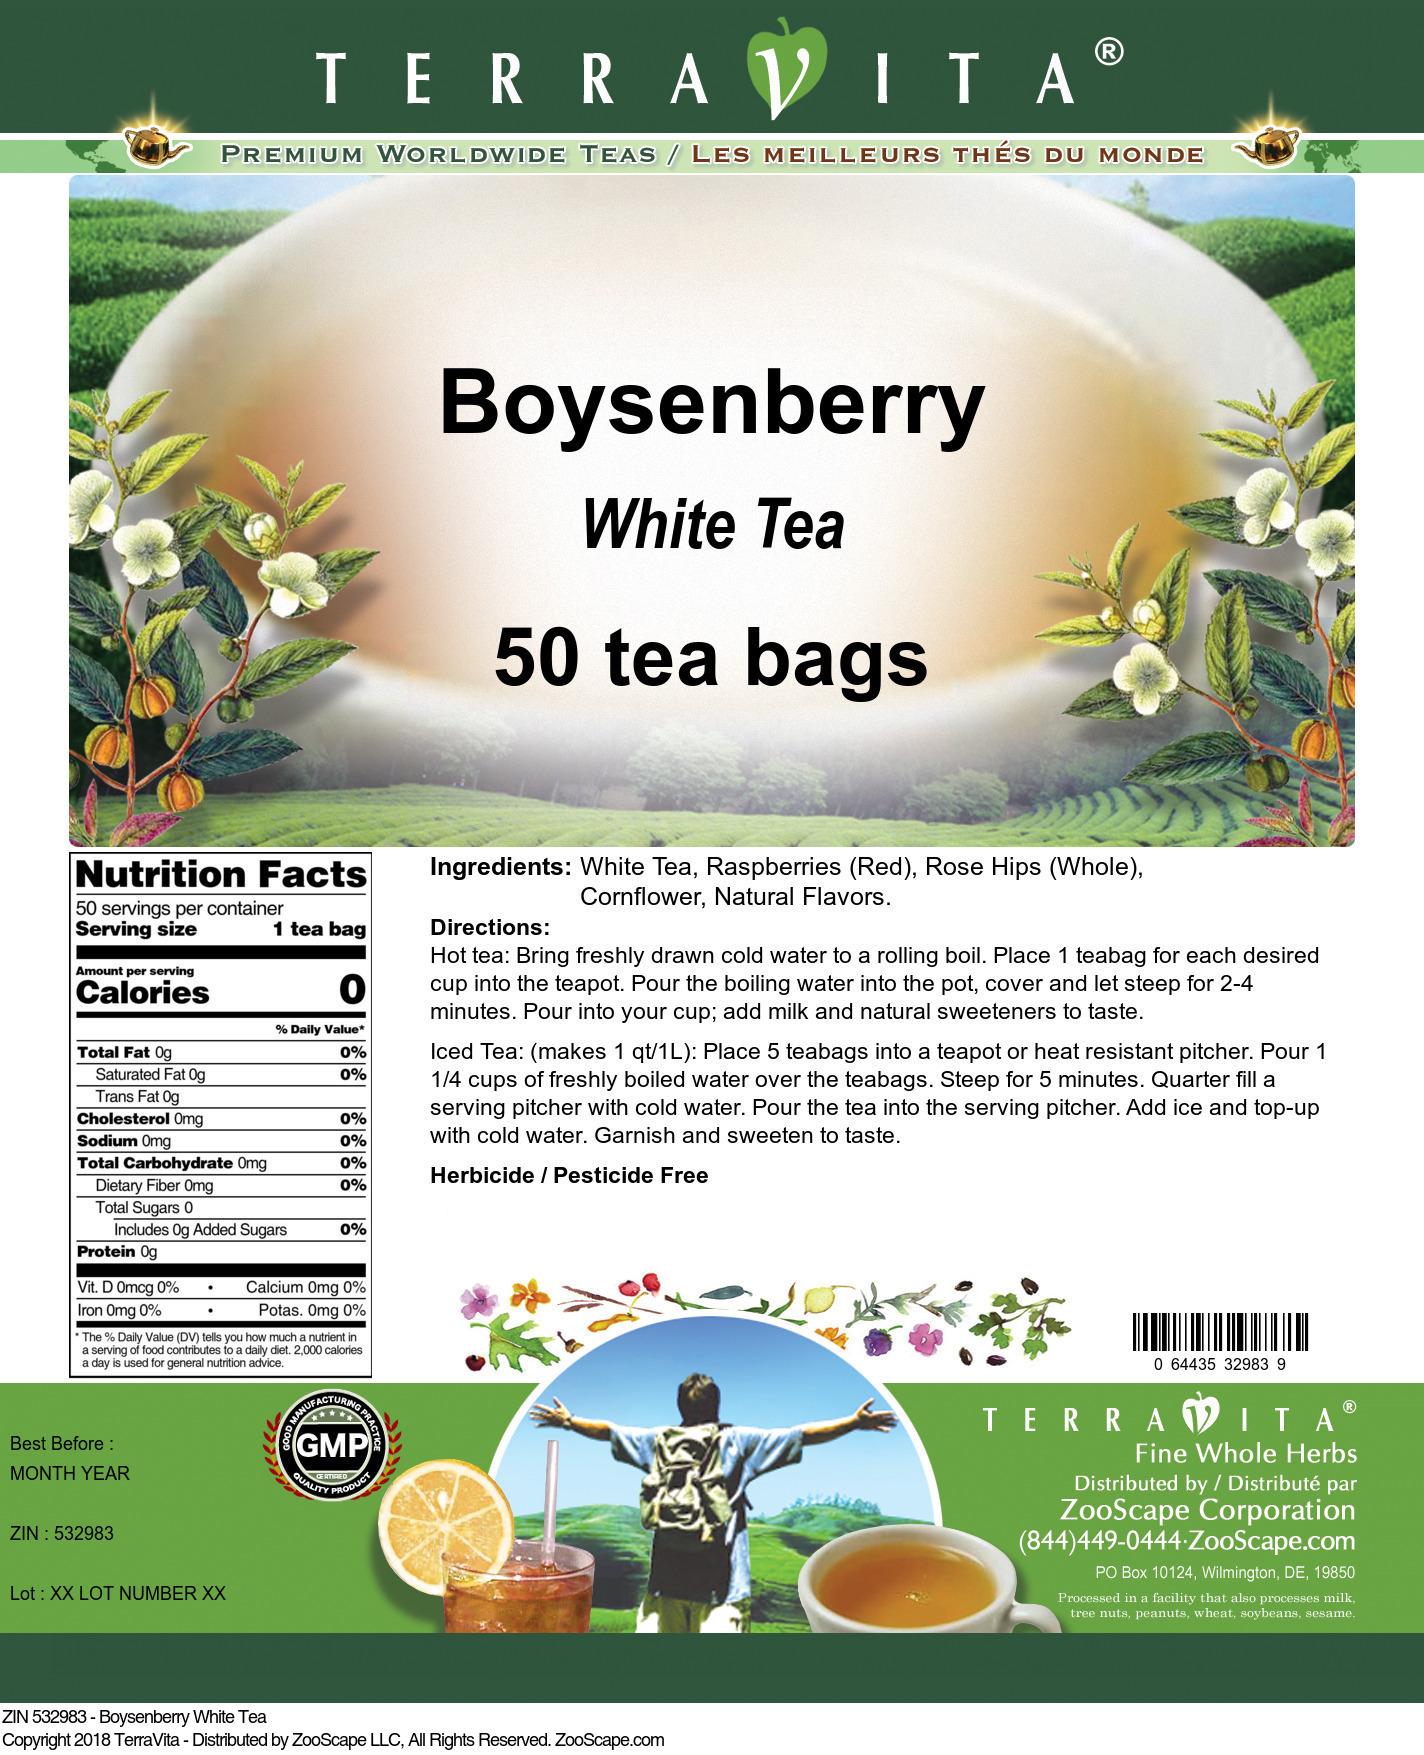 Boysenberry White Tea